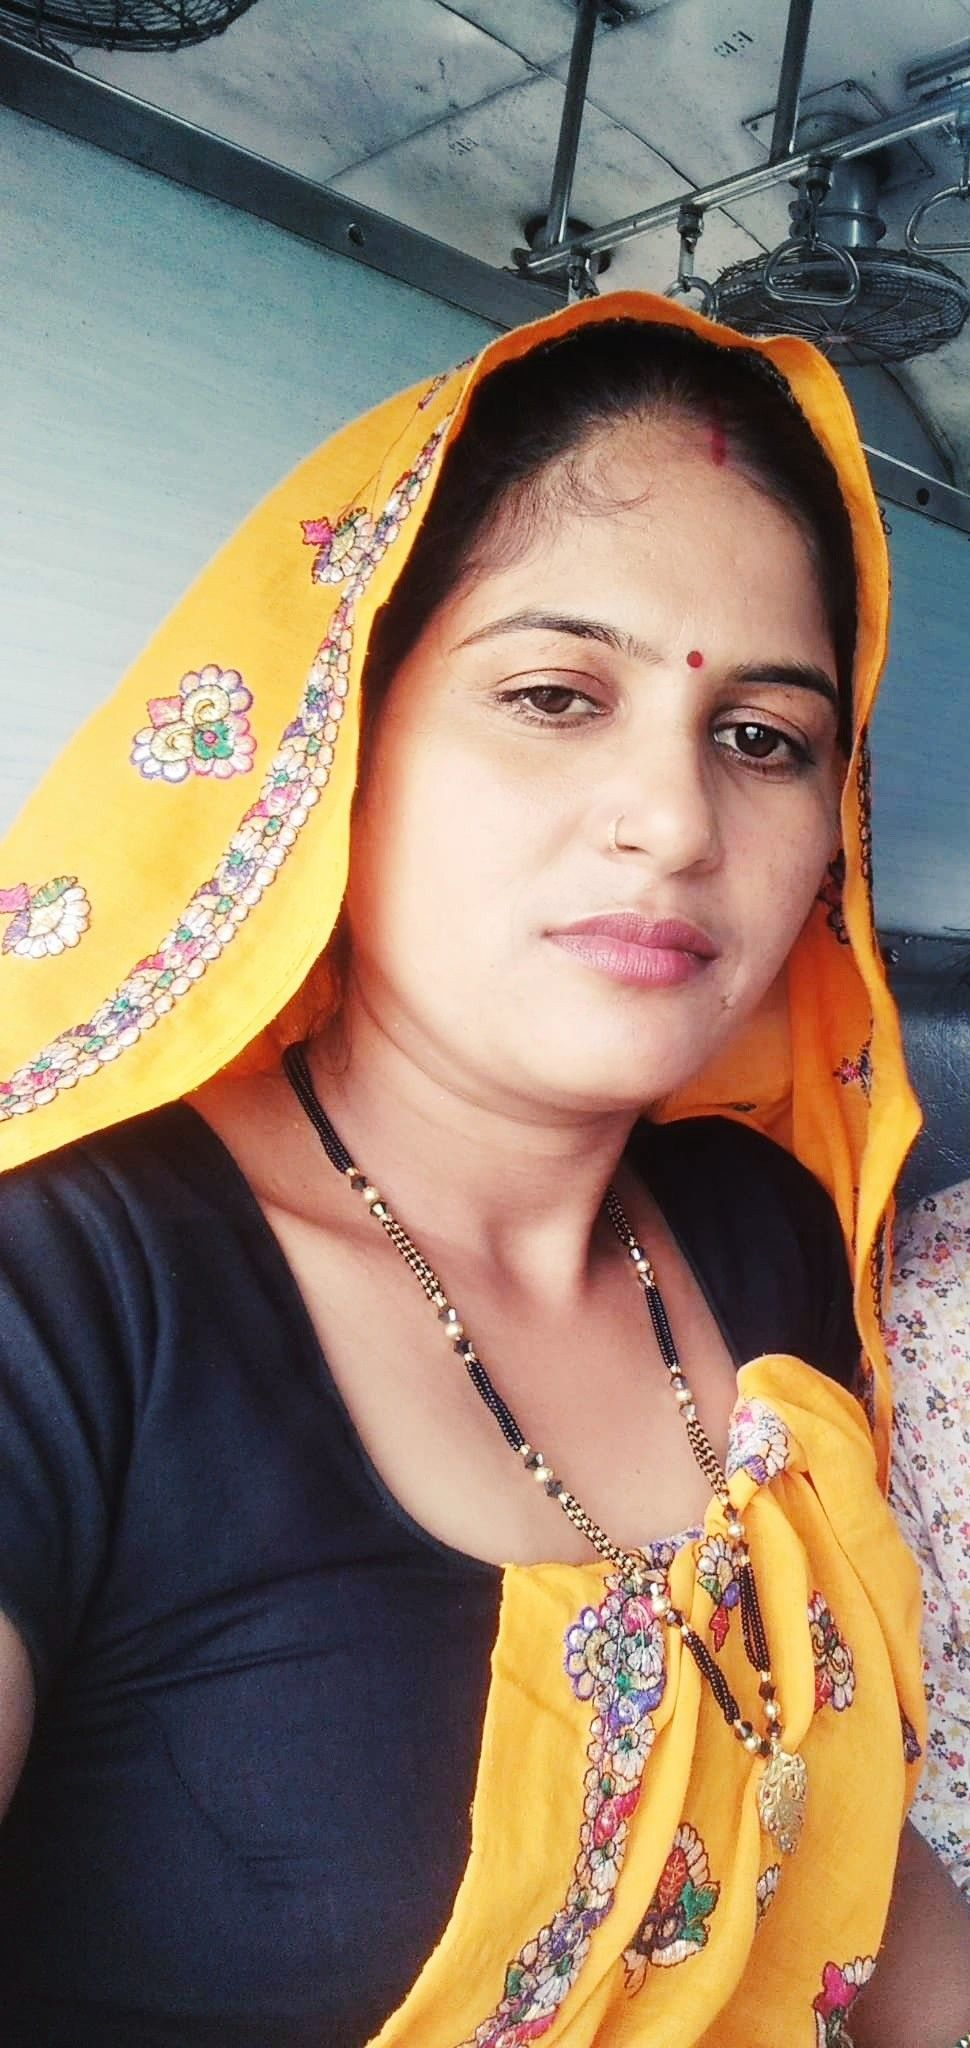 Pin by Jalsingh90 on meena culture   Indian girl bikini ...